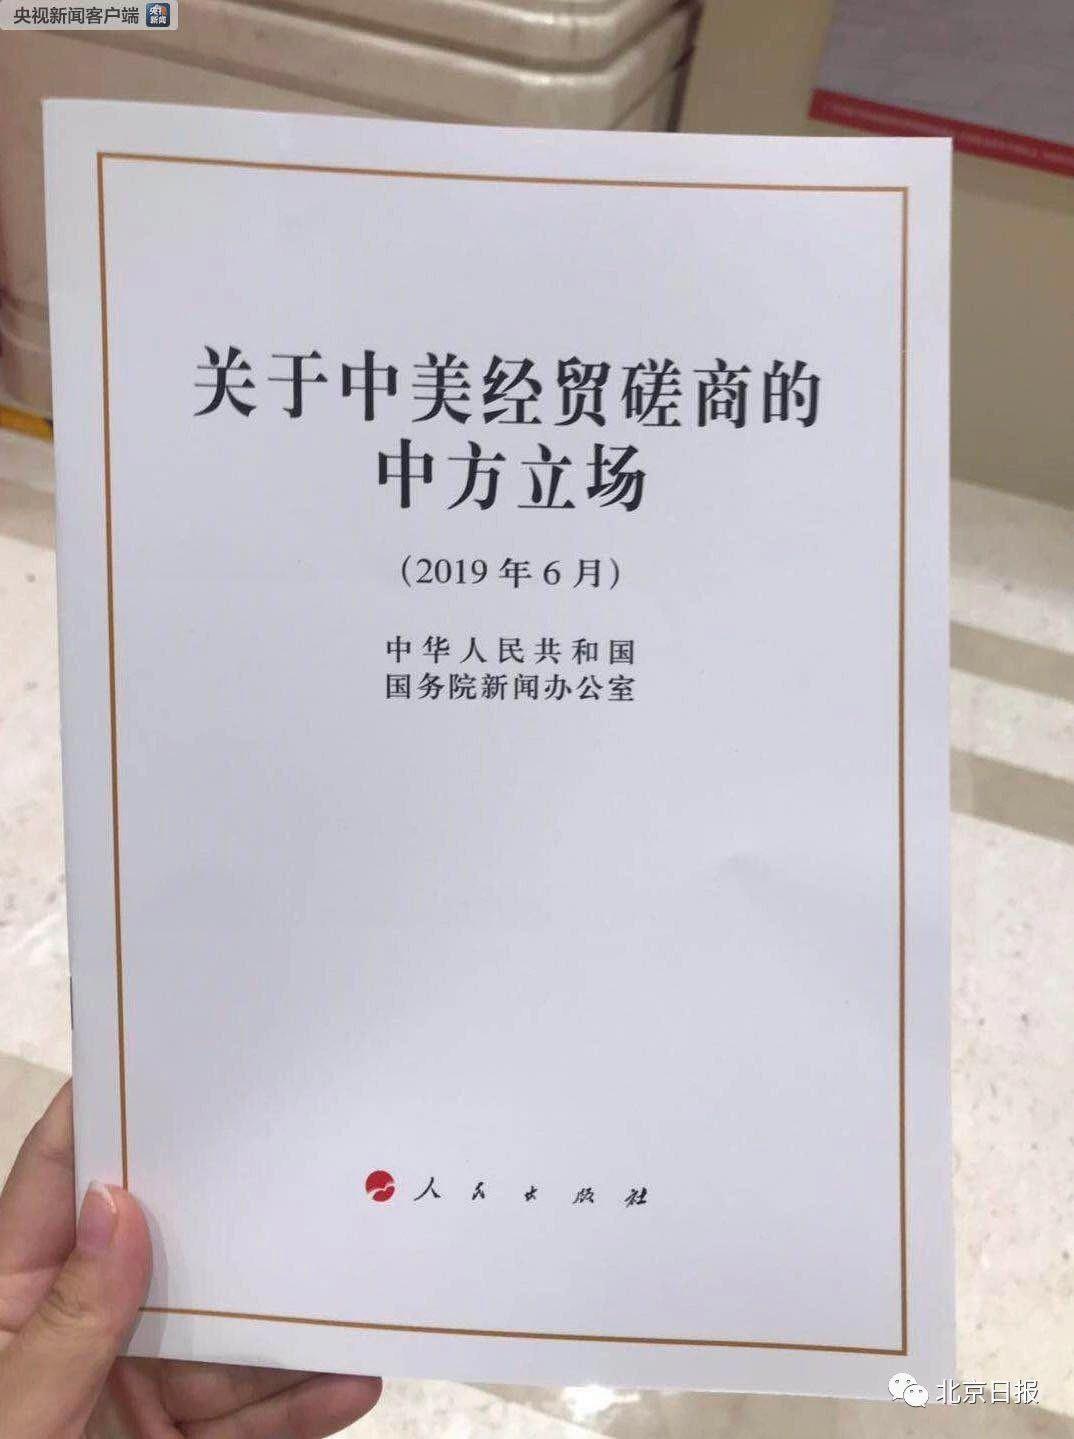 白皮书:中美经贸磋商严重受挫,责任完全在美国政府【全文】